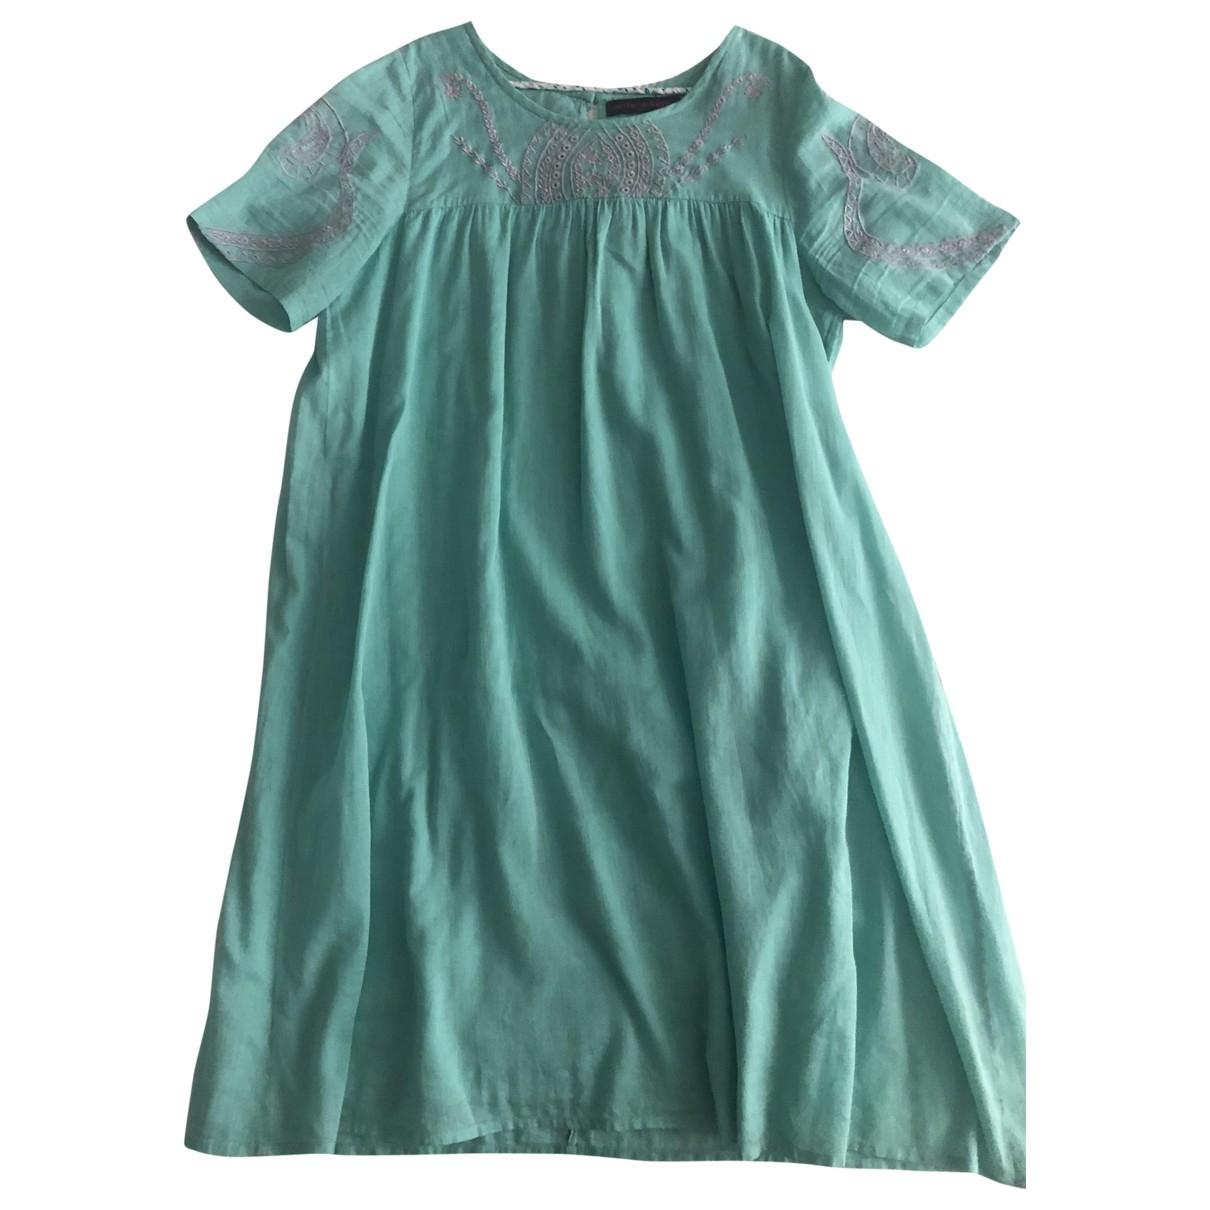 Antik Batik \N Turquoise Cotton dress for Kids 12 years - XS FR